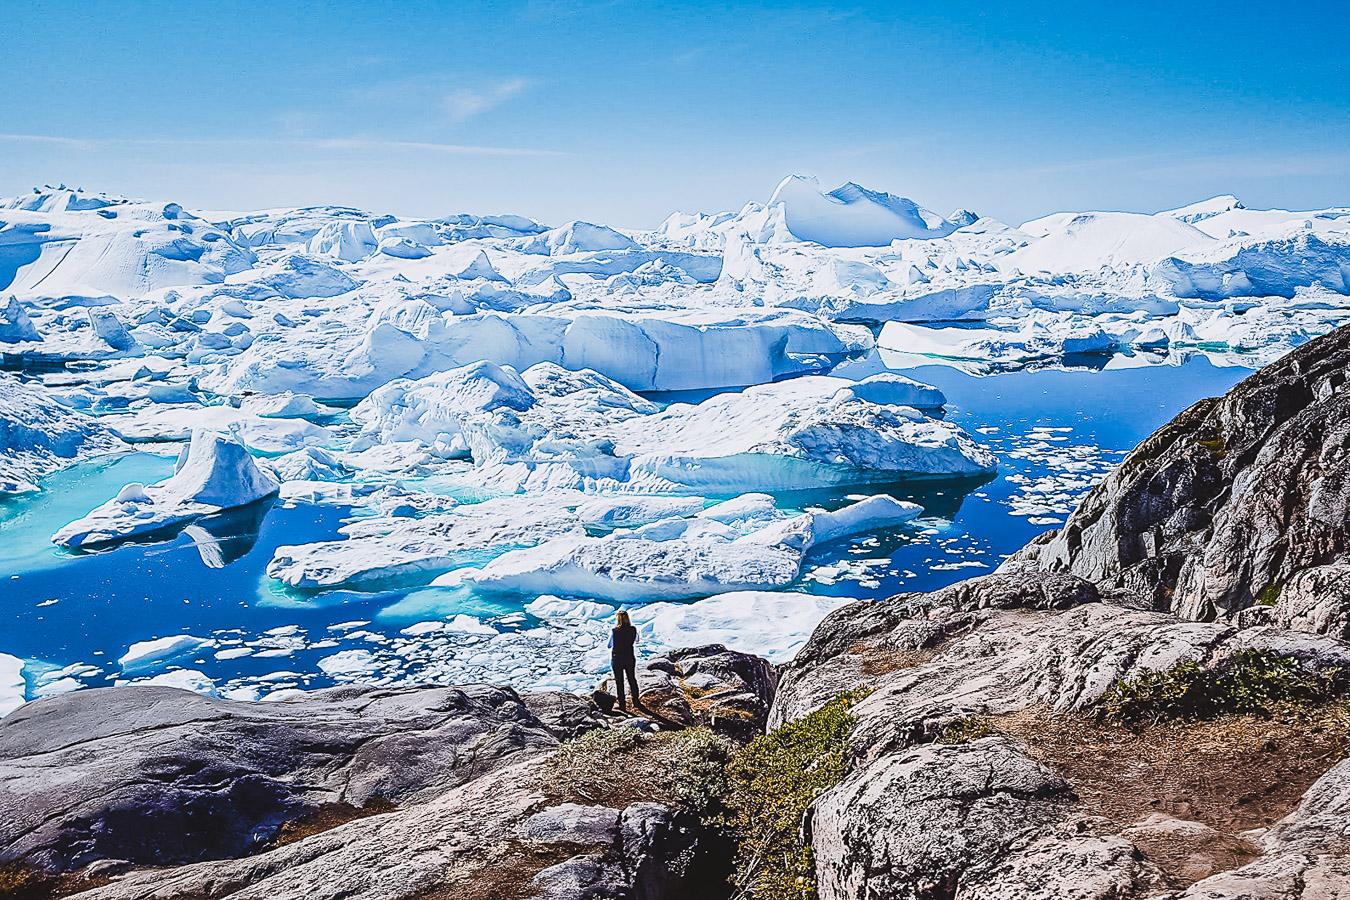 Überwältigender Kangia! Kangia bedeutet Eisfjord. Ilulissat bedeutet Eisberge. Ilulissat, Disko Bucht, Westgrönland